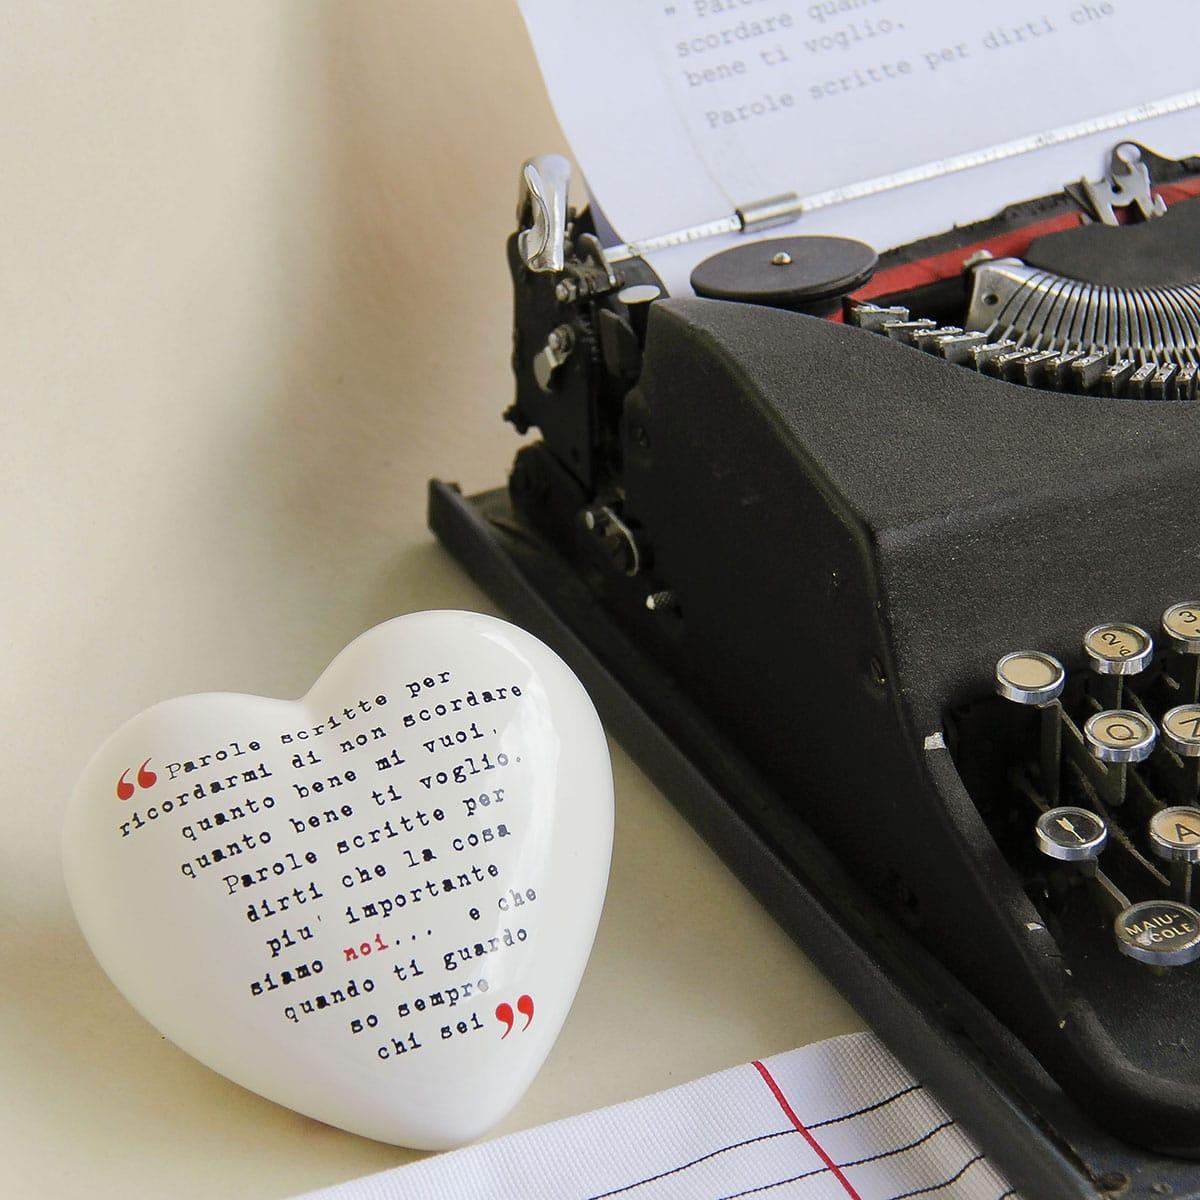 oggetto decorativo in ceramica a forma di cuore bianco che riproduce la scritta della macchina da scrivere